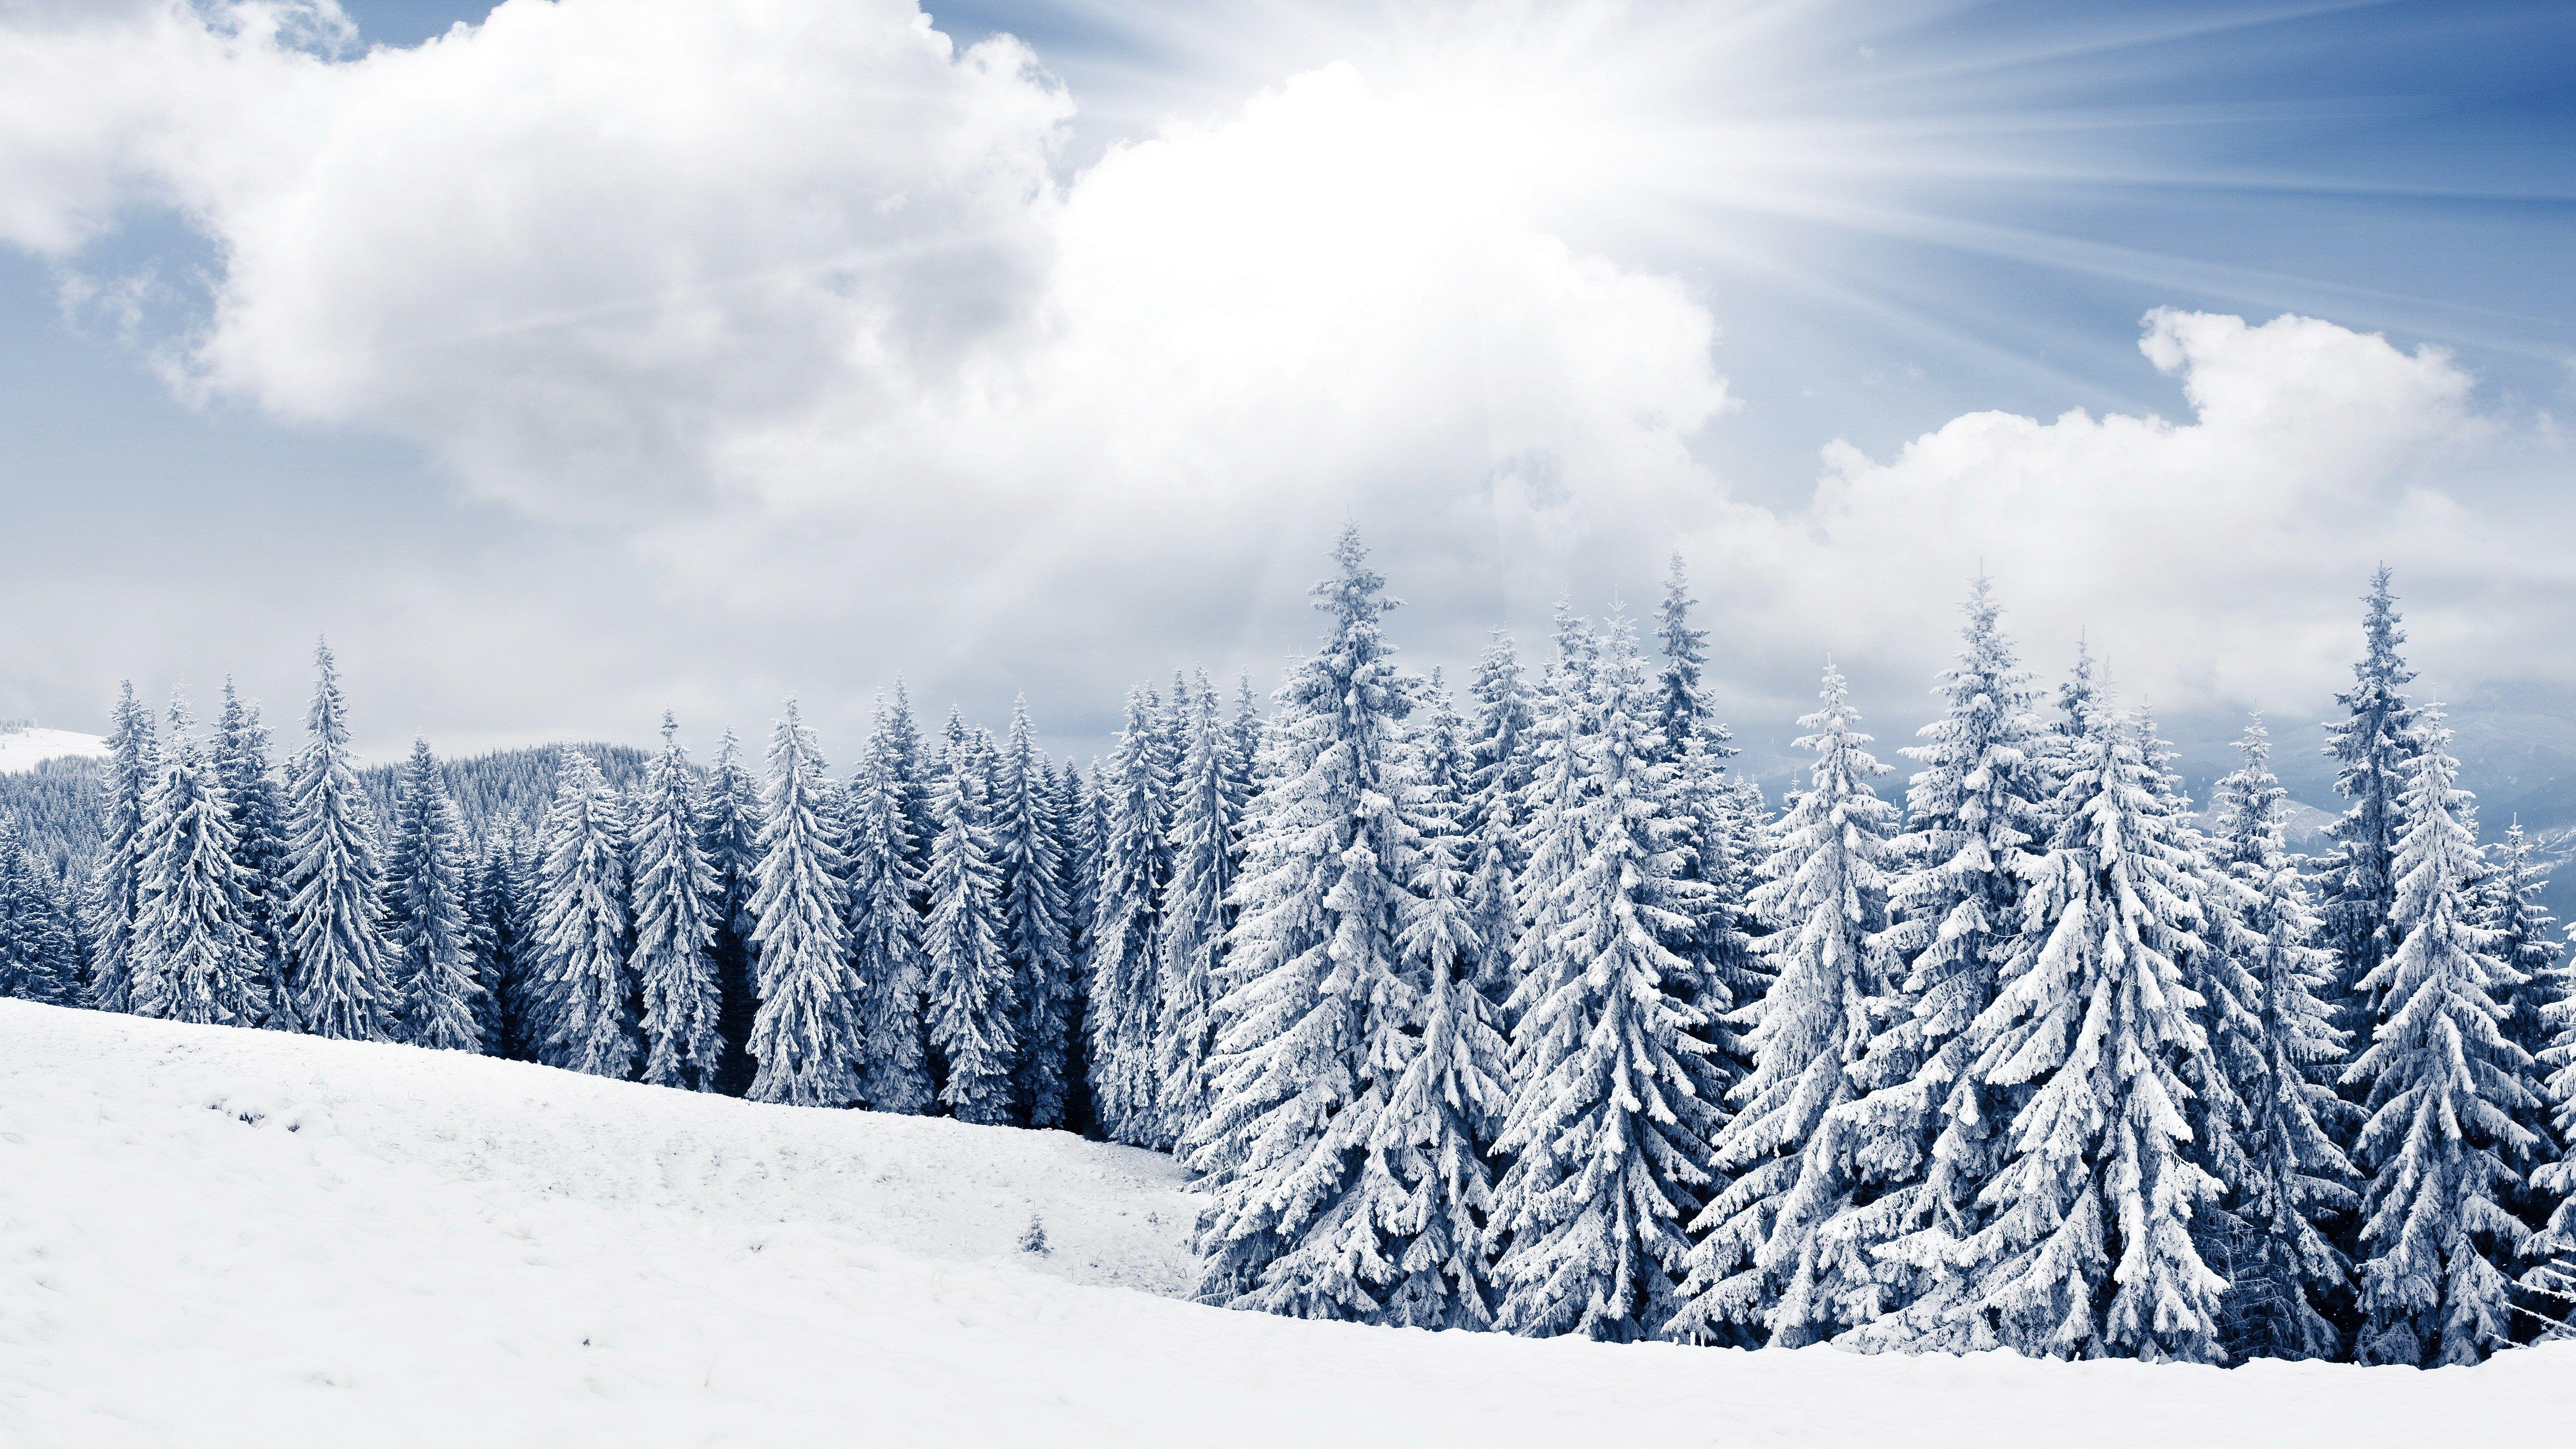 winter scenes desktop backgrounds 5000x2812 ScreenSaver in 5000x2812